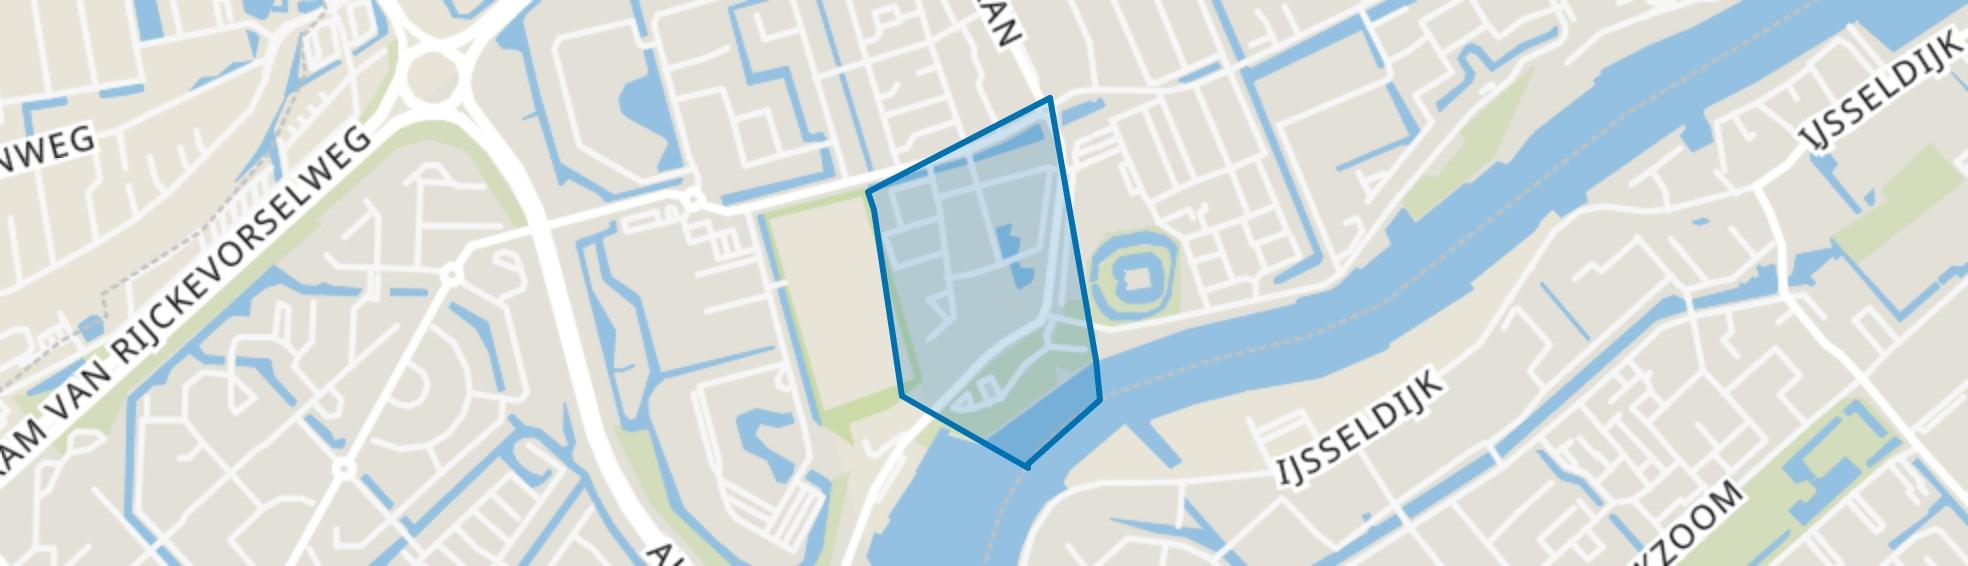 Rozenburcht, Capelle aan den IJssel map